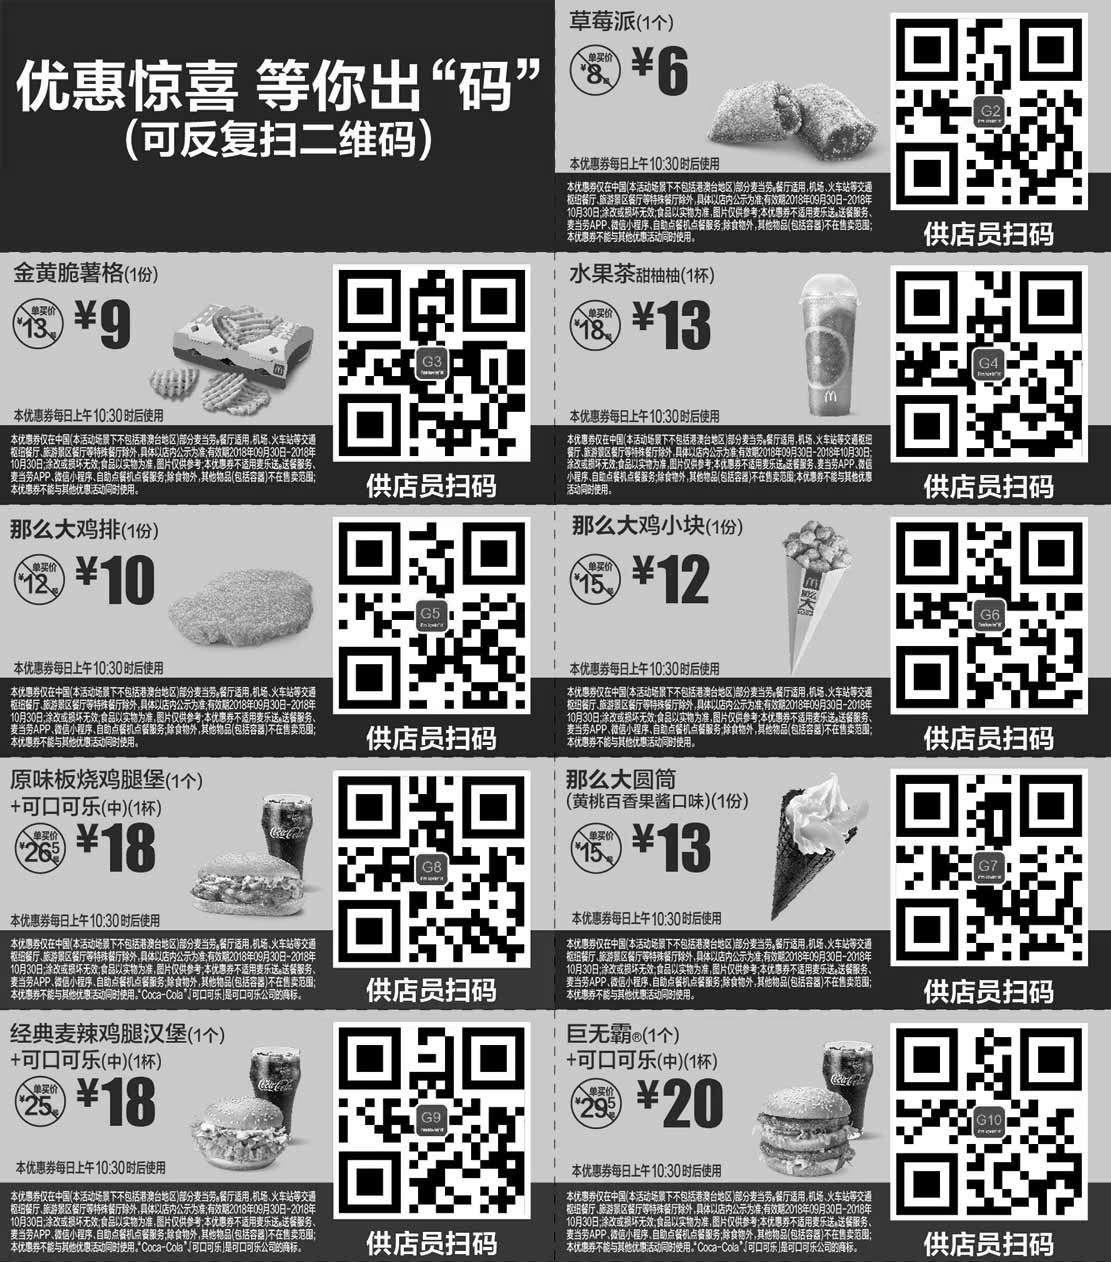 黑白麦当劳优惠券:麦当劳优惠券2018年10月手机版整张版本,出示给店员扫码享券面优惠价点餐